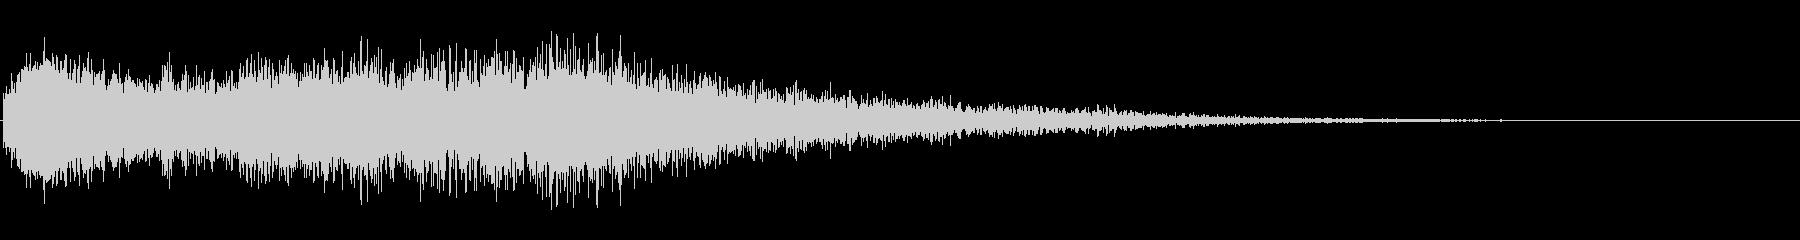 ファウウフワワン(恐怖サウンド)の未再生の波形